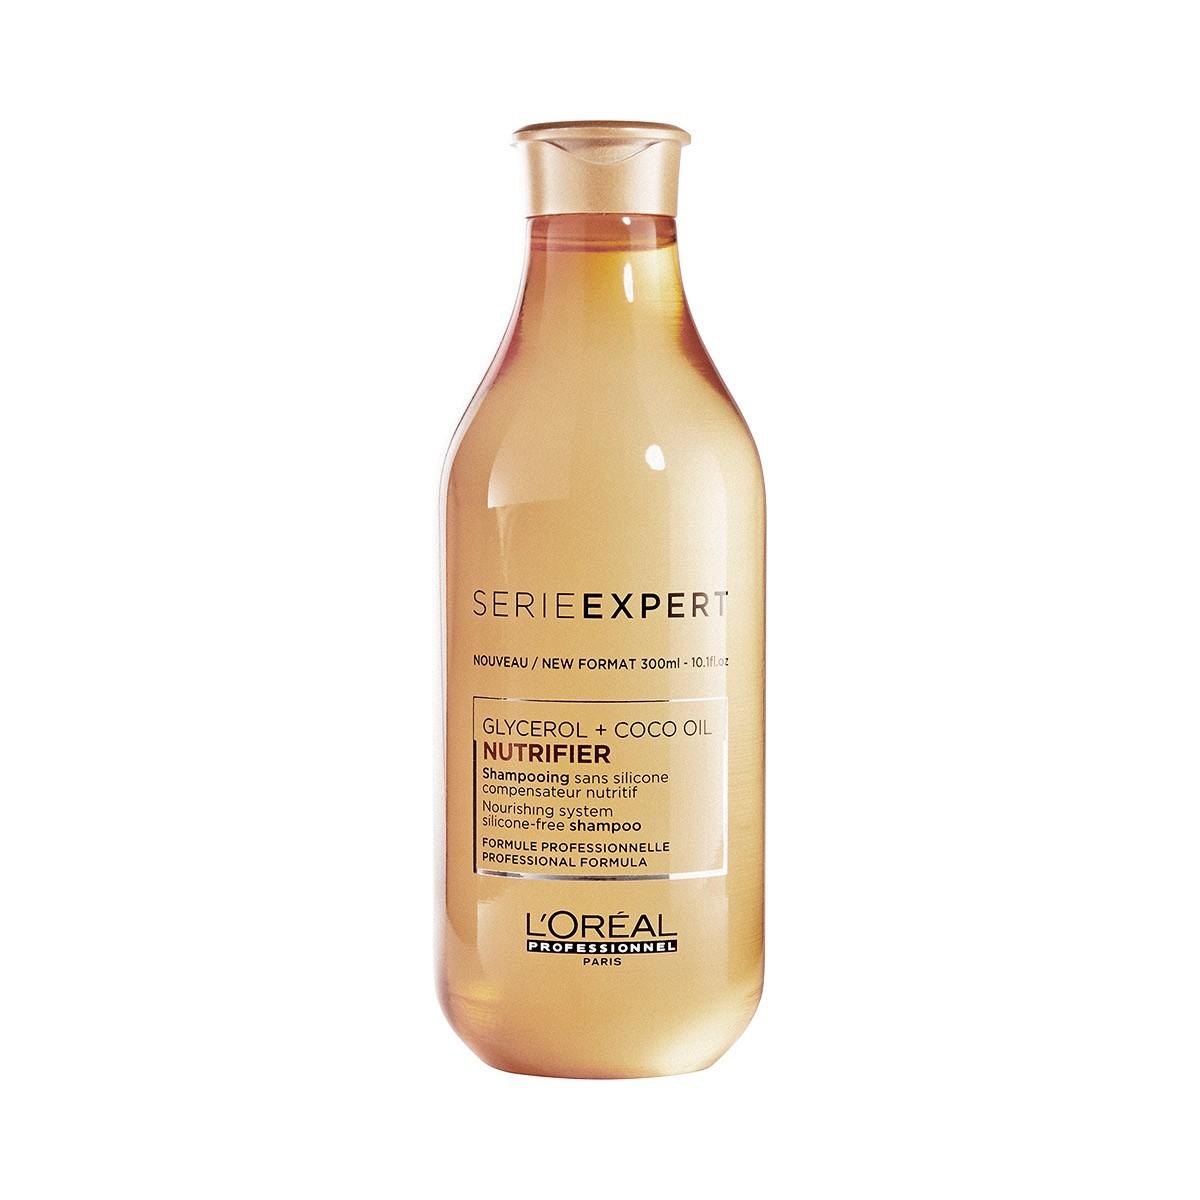 LOREAL Nutrifier Glycerol + Coco Oil Shampoo 300ml - Rewitalizujący szampon do włosów